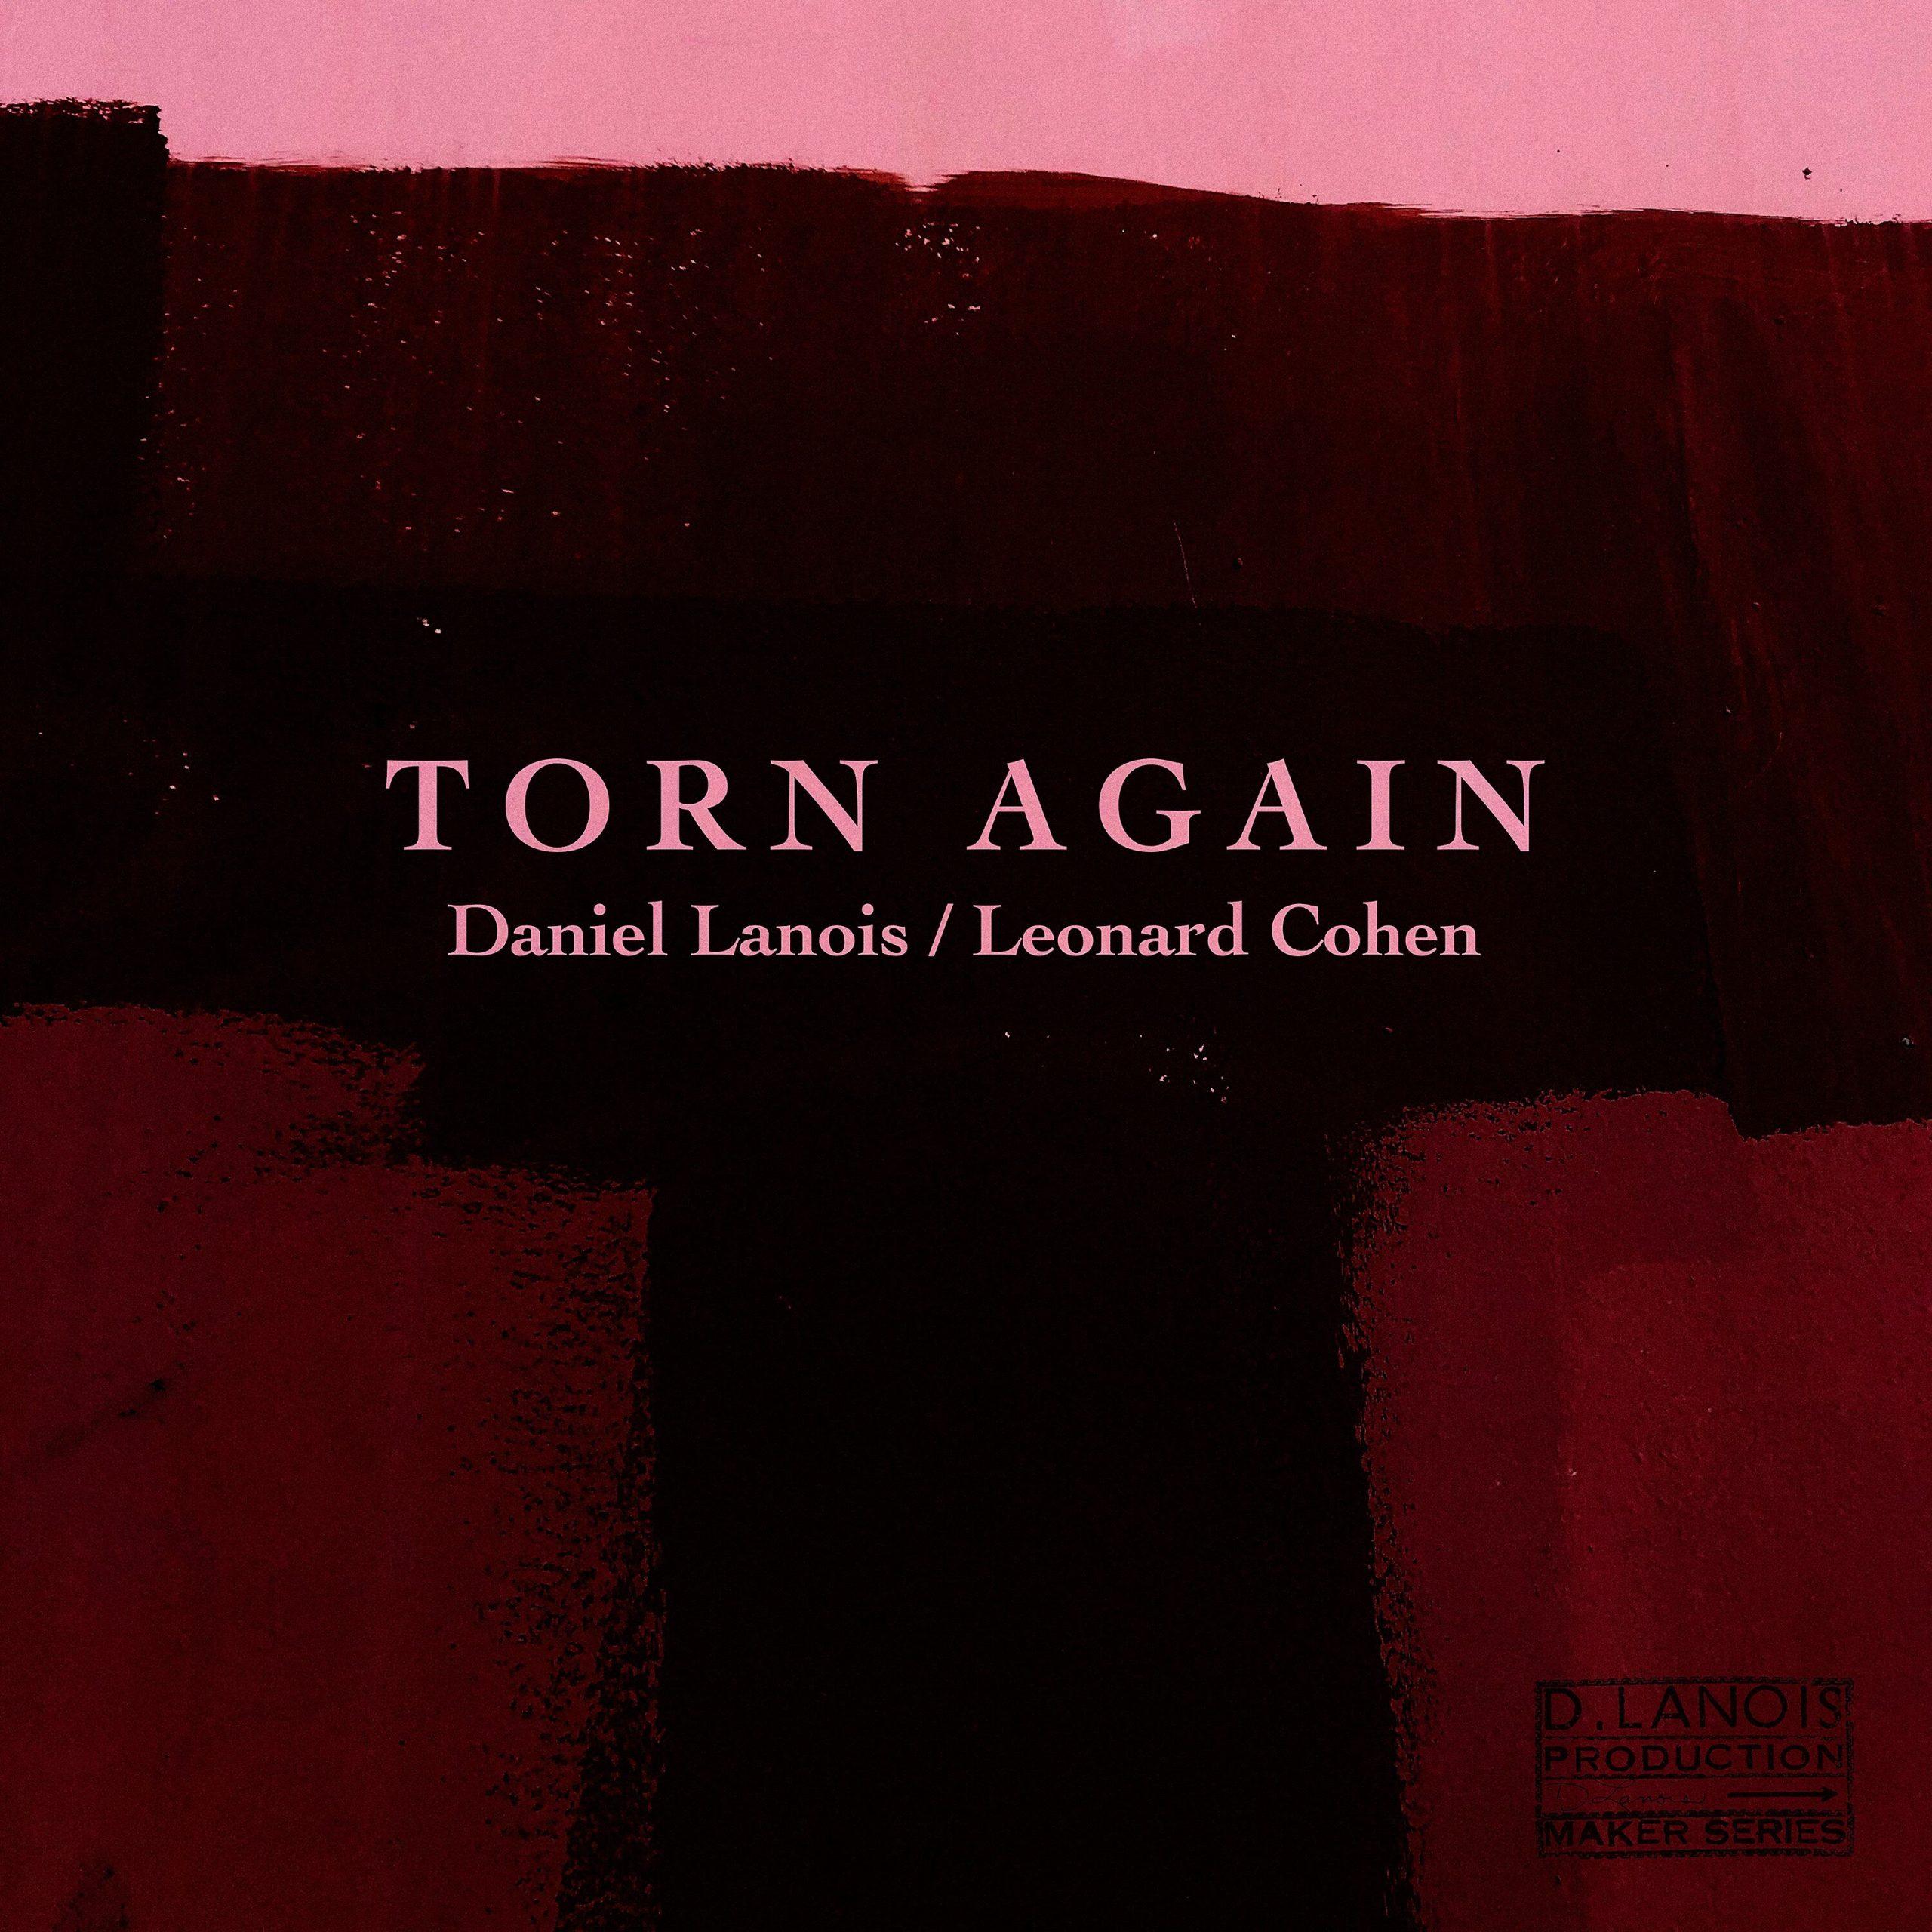 Daniel Lanois feat. Leonard Cohen – Torn Again